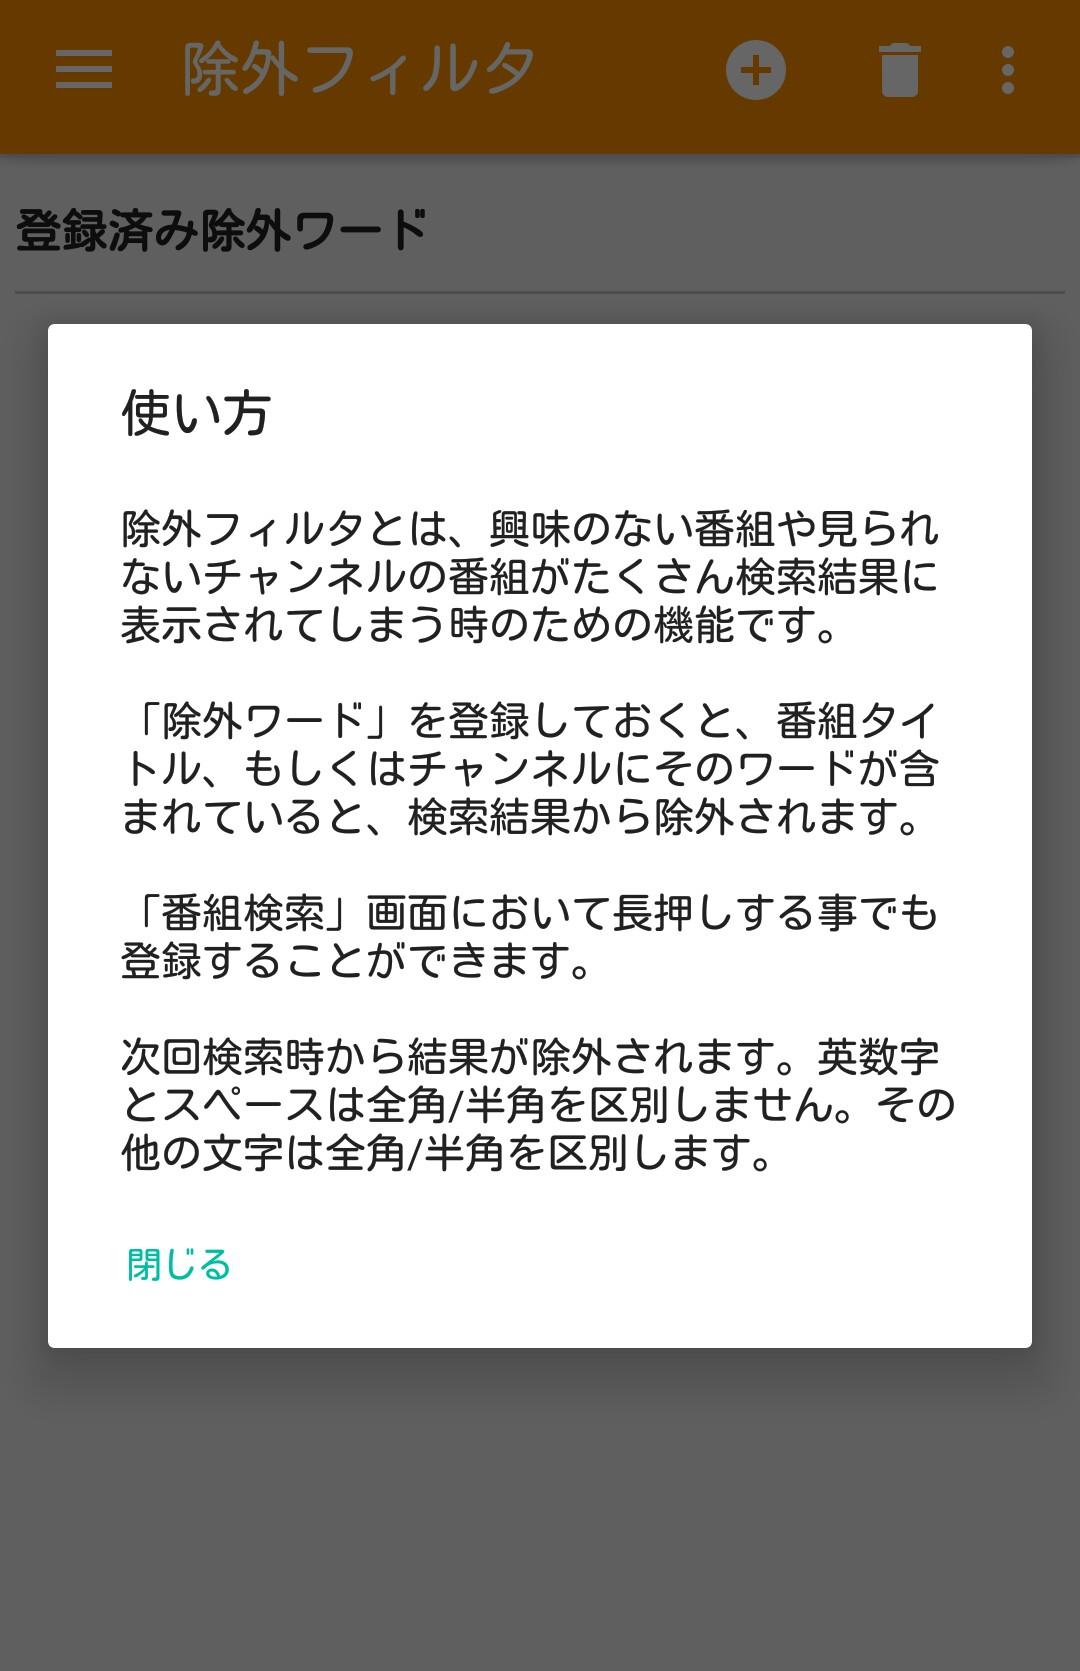 20161207_1096978.jpg